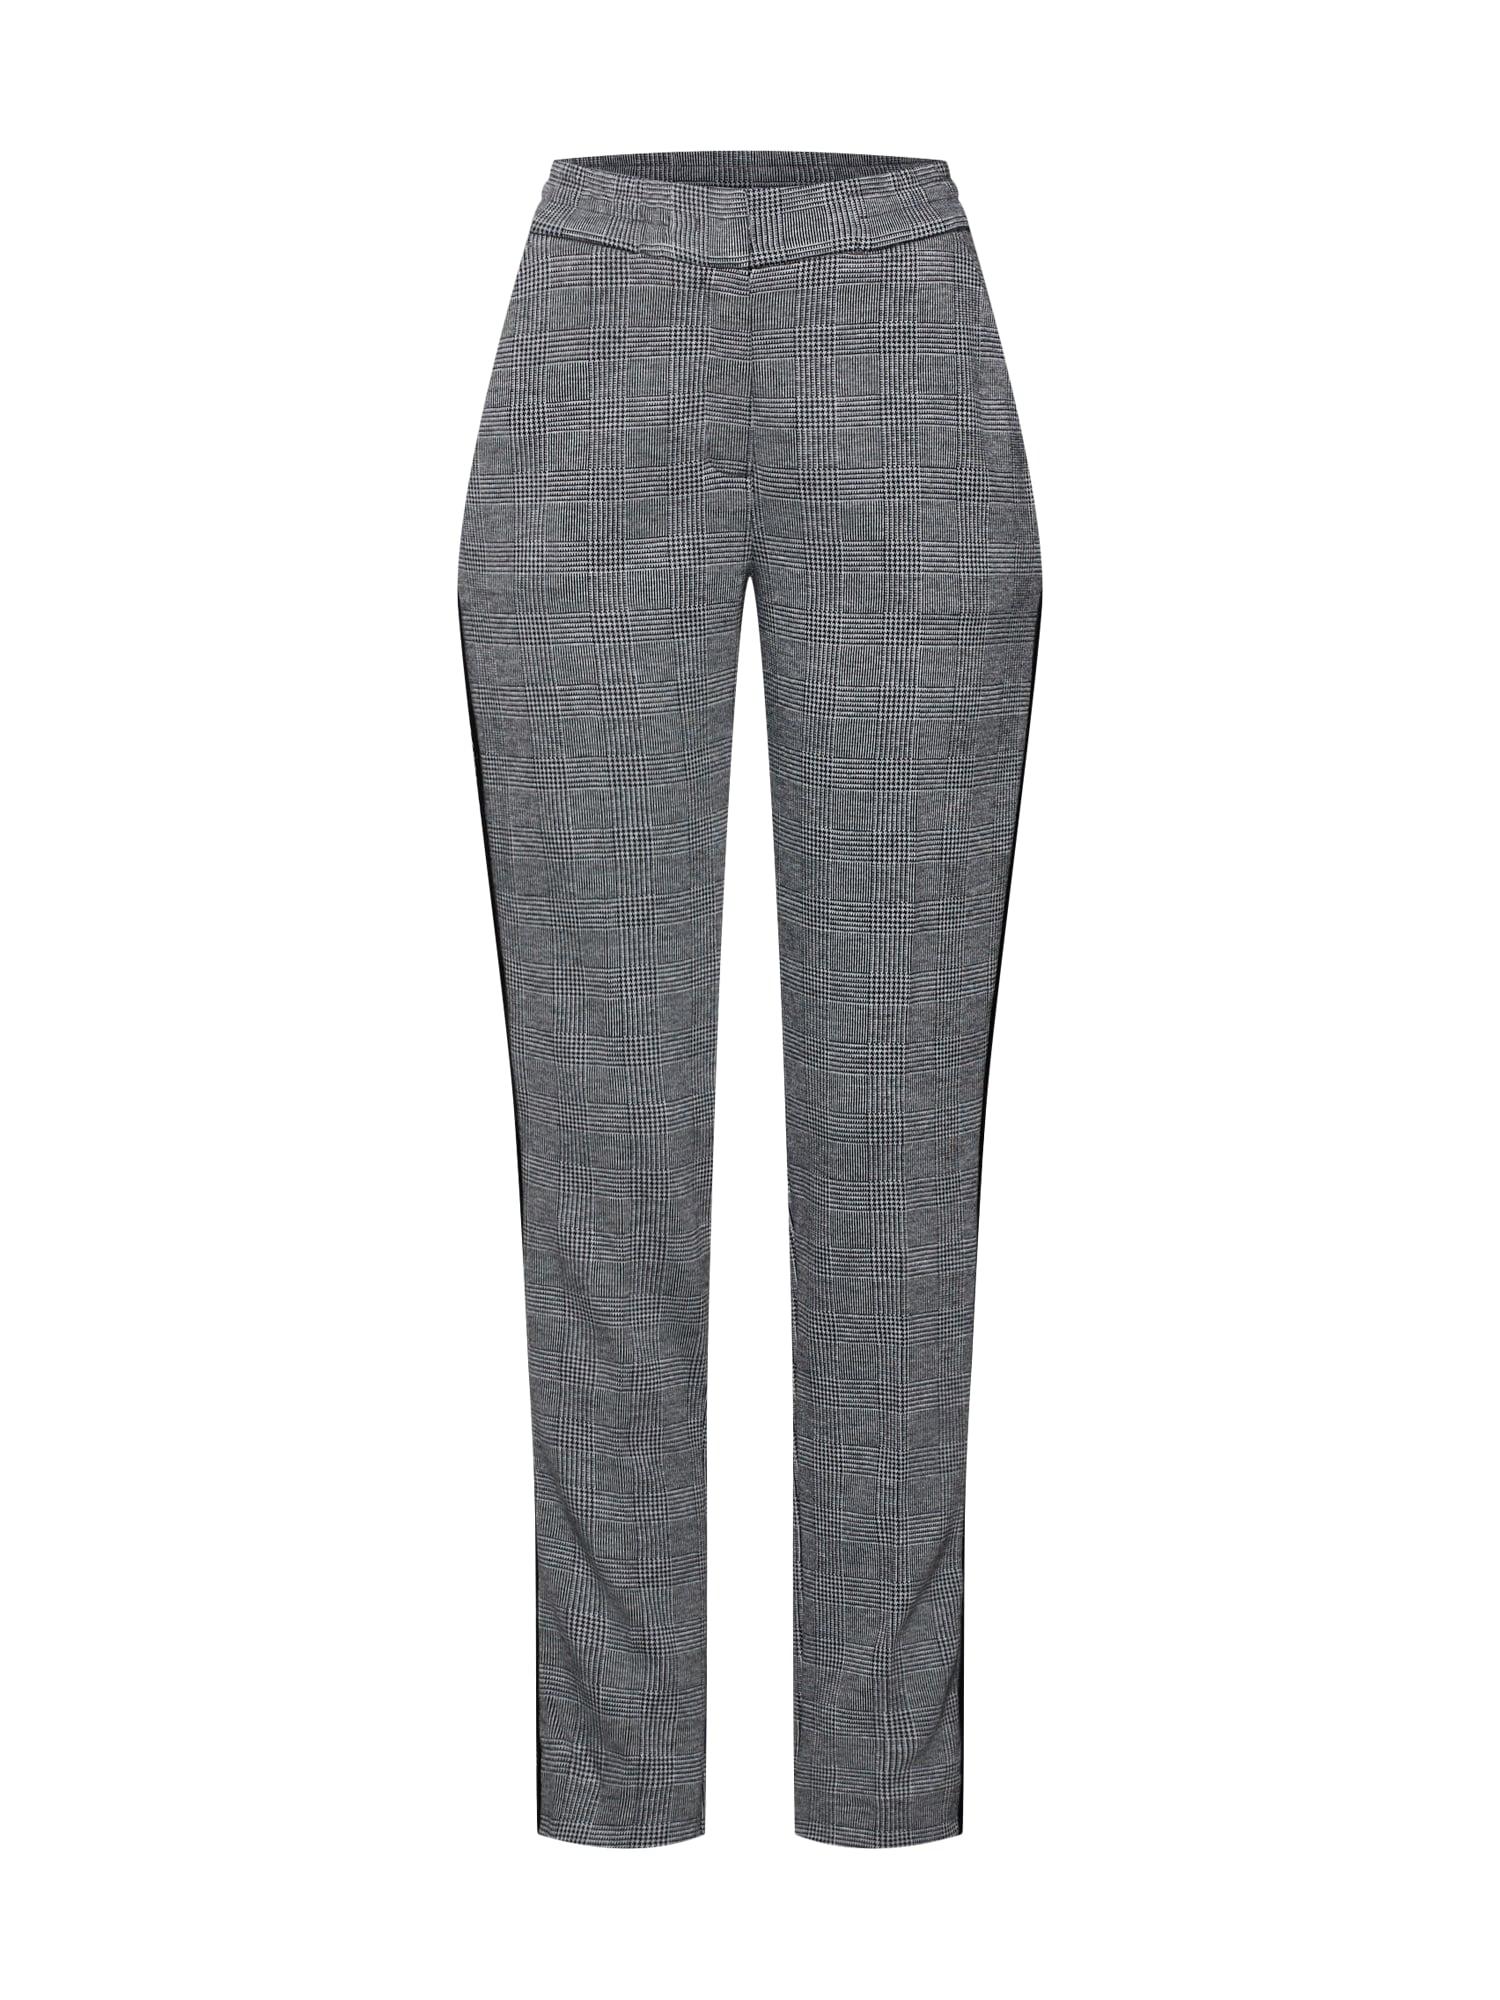 Kalhoty s puky stříbrně šedá černá MORE & MORE